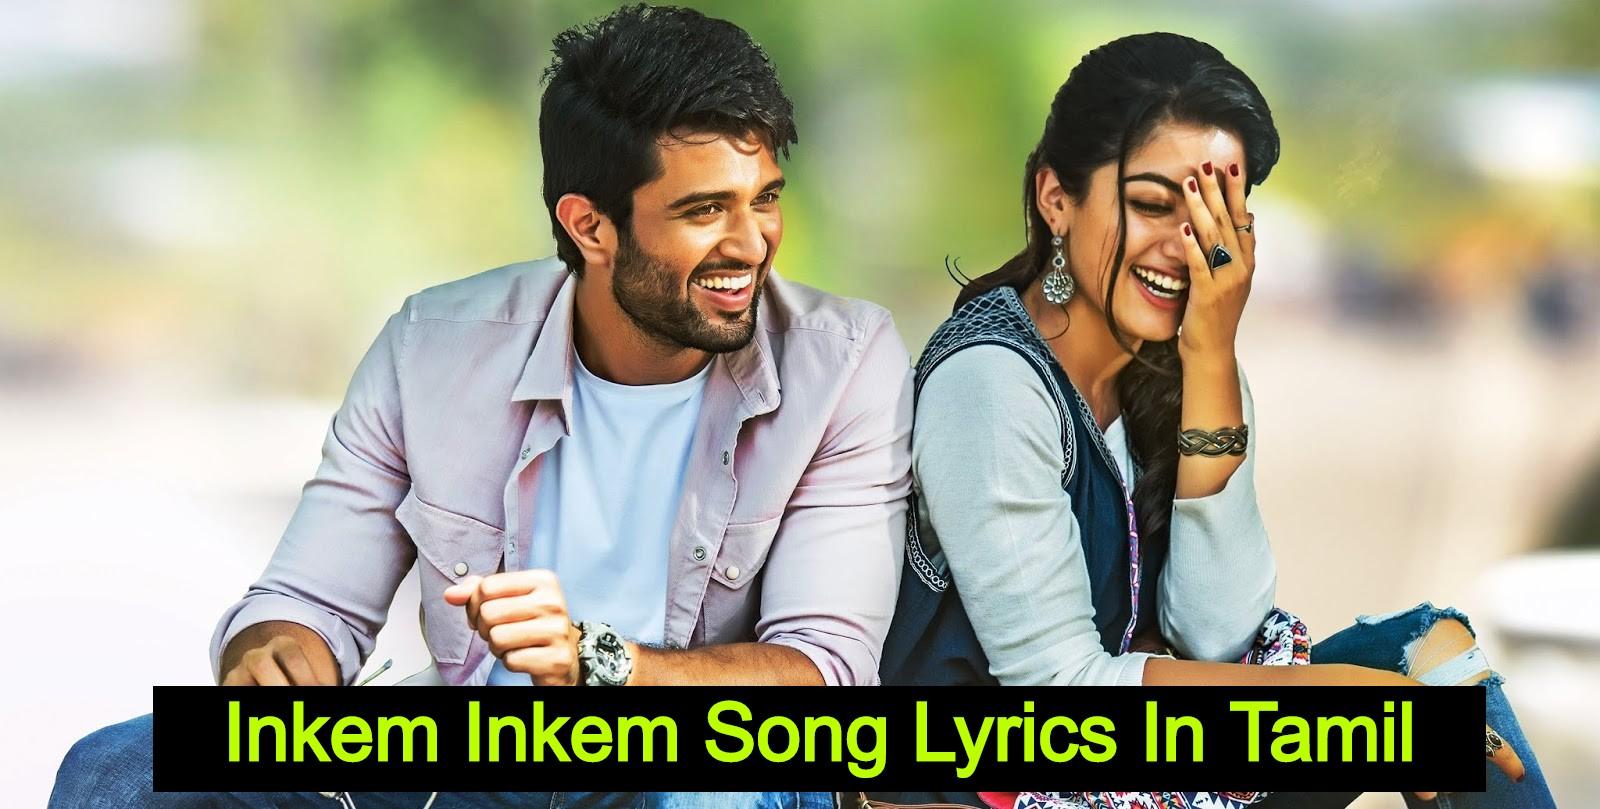 Inkem Inkem Song Lyrics In Tamil